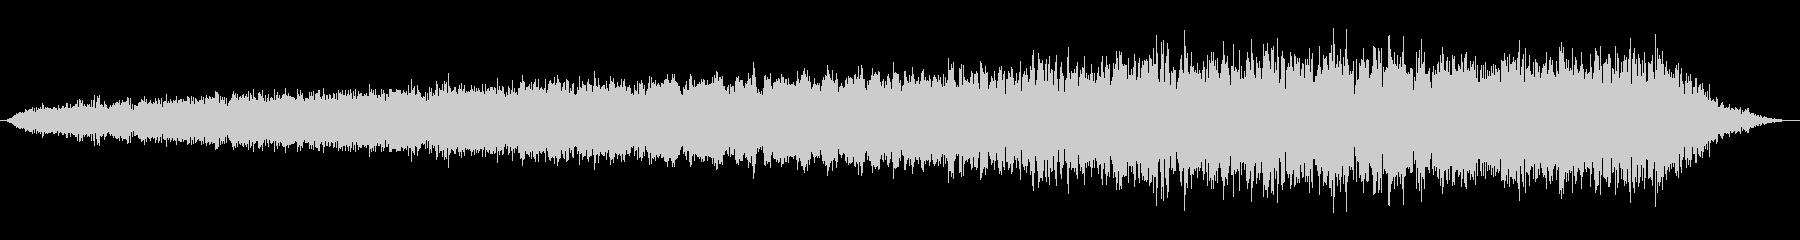 上昇 離調シンセオーケストラ01の未再生の波形